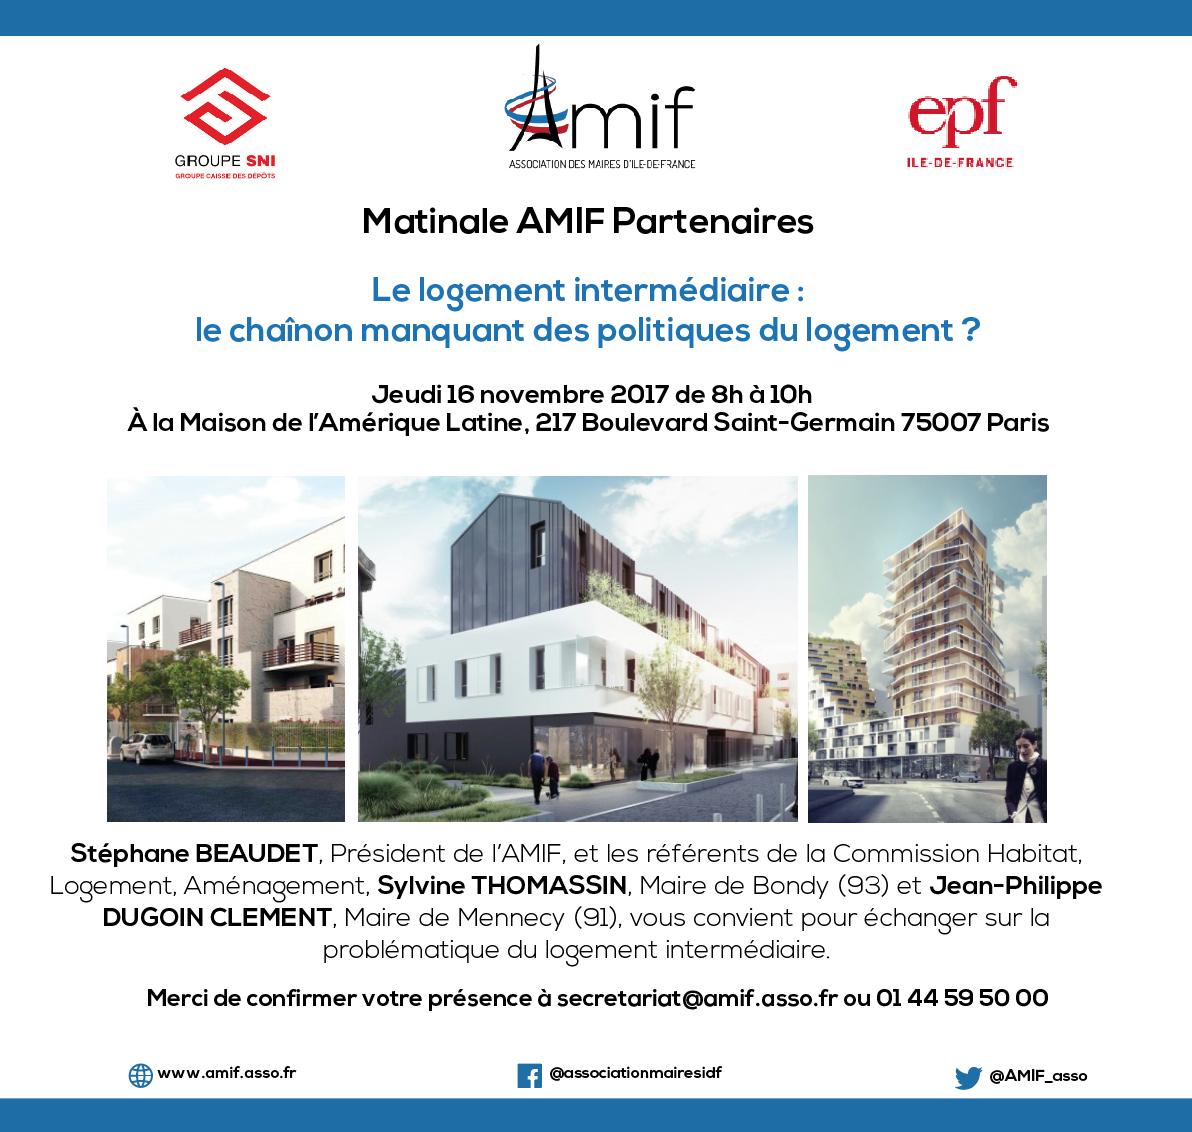 #SAVETHEDATE : L'AMIF VOUS INVITE À SA MATINALE DÉDIÉE AU LOGEMENT